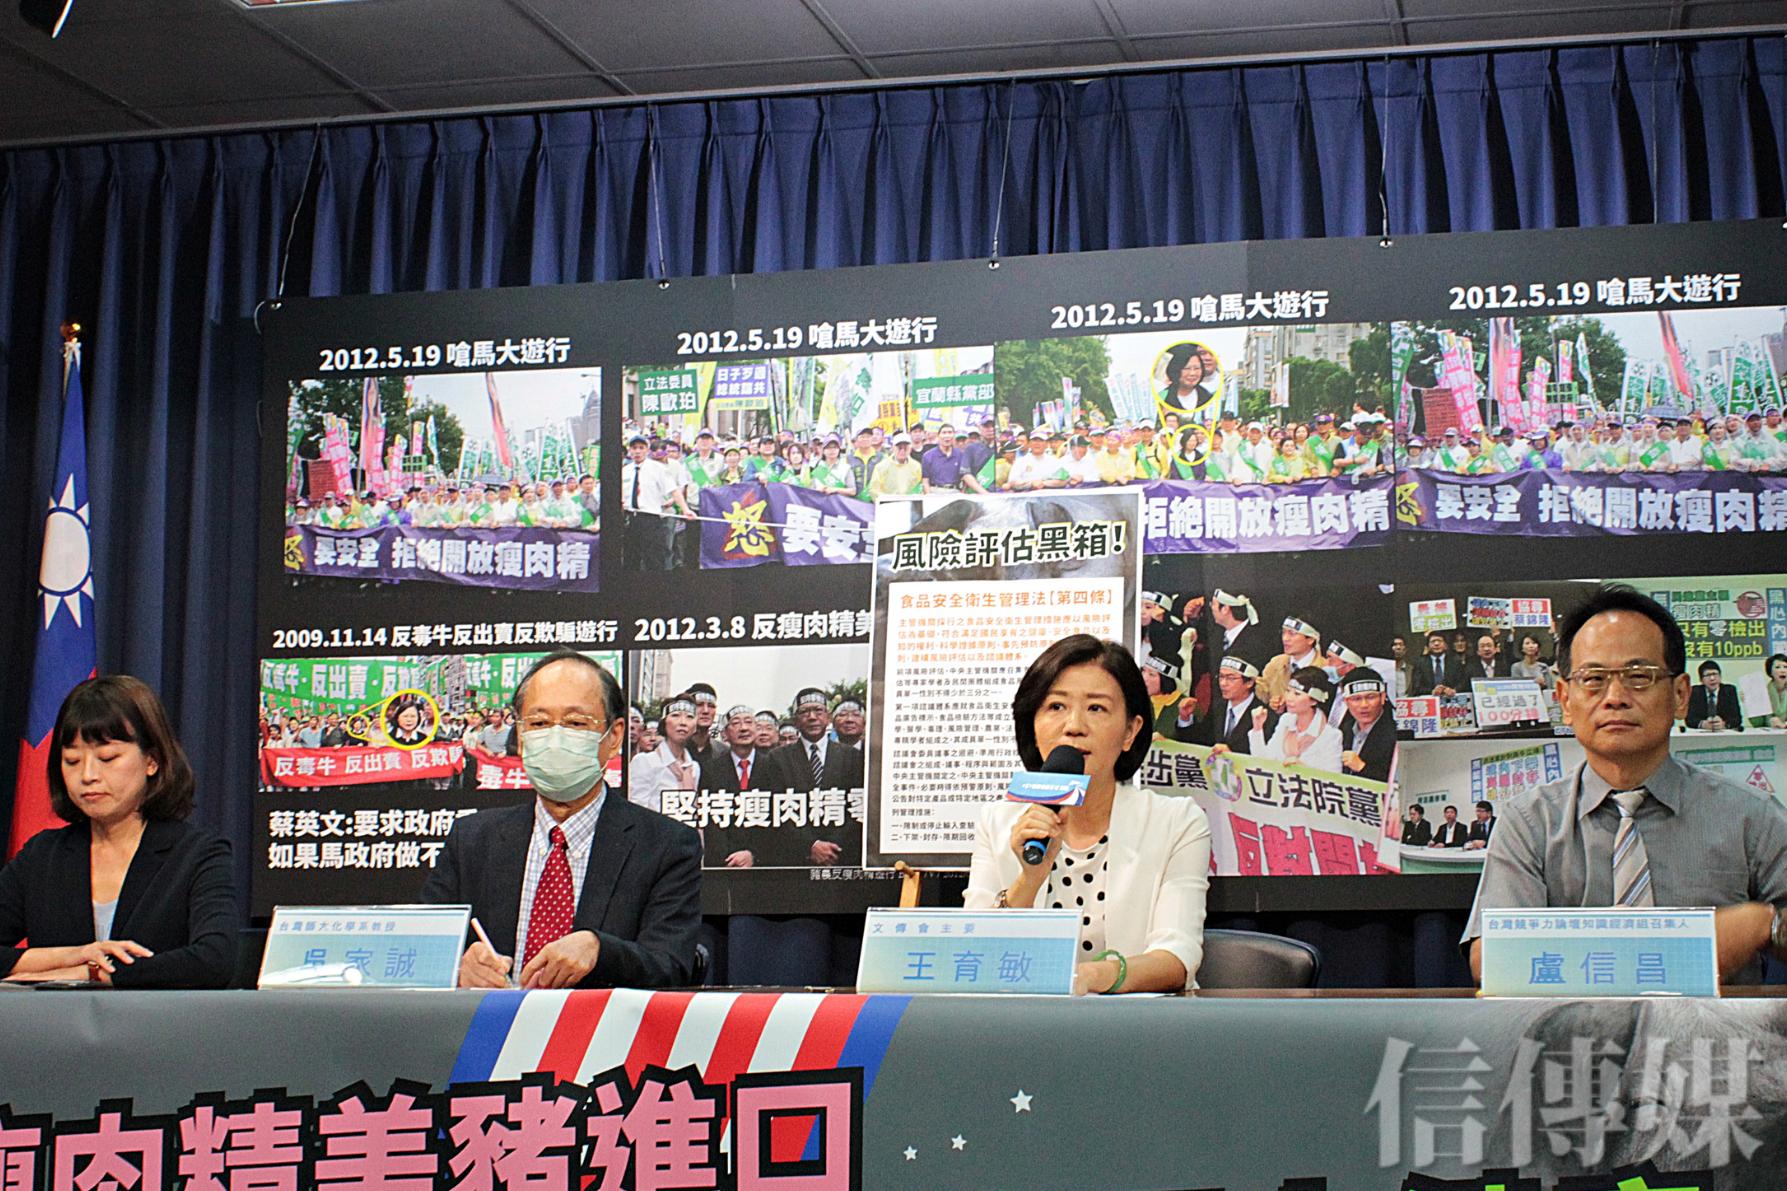 開放美豬換台灣「國際地位」蔣萬安:國人健康拿什麼都不能換 - Yahoo